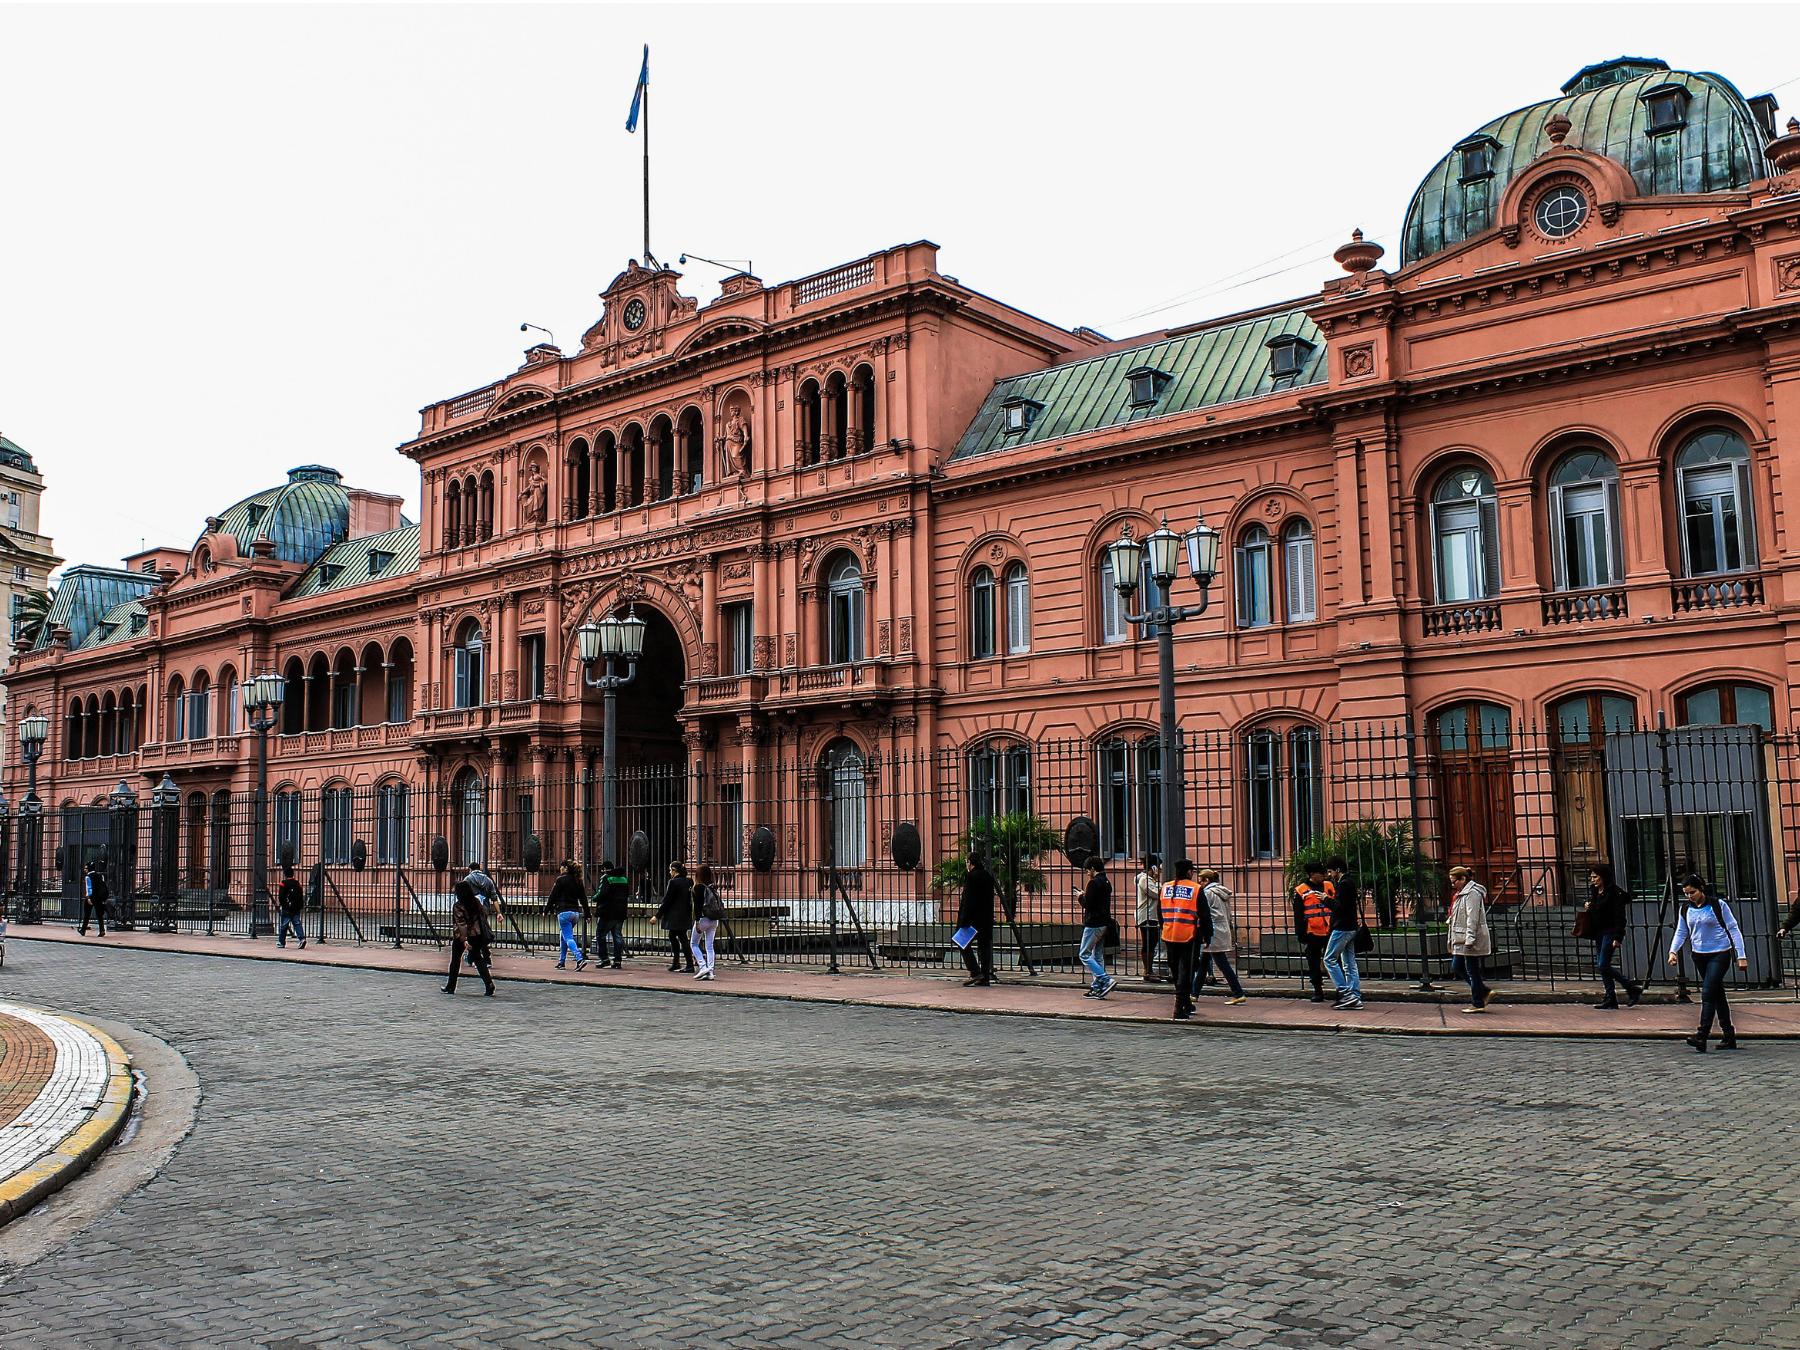 15-melhores-lugares-para-viajar-esse-ano-2019-argentina 15 melhores lugares para viajar esse ano 2019 (melhor custo)